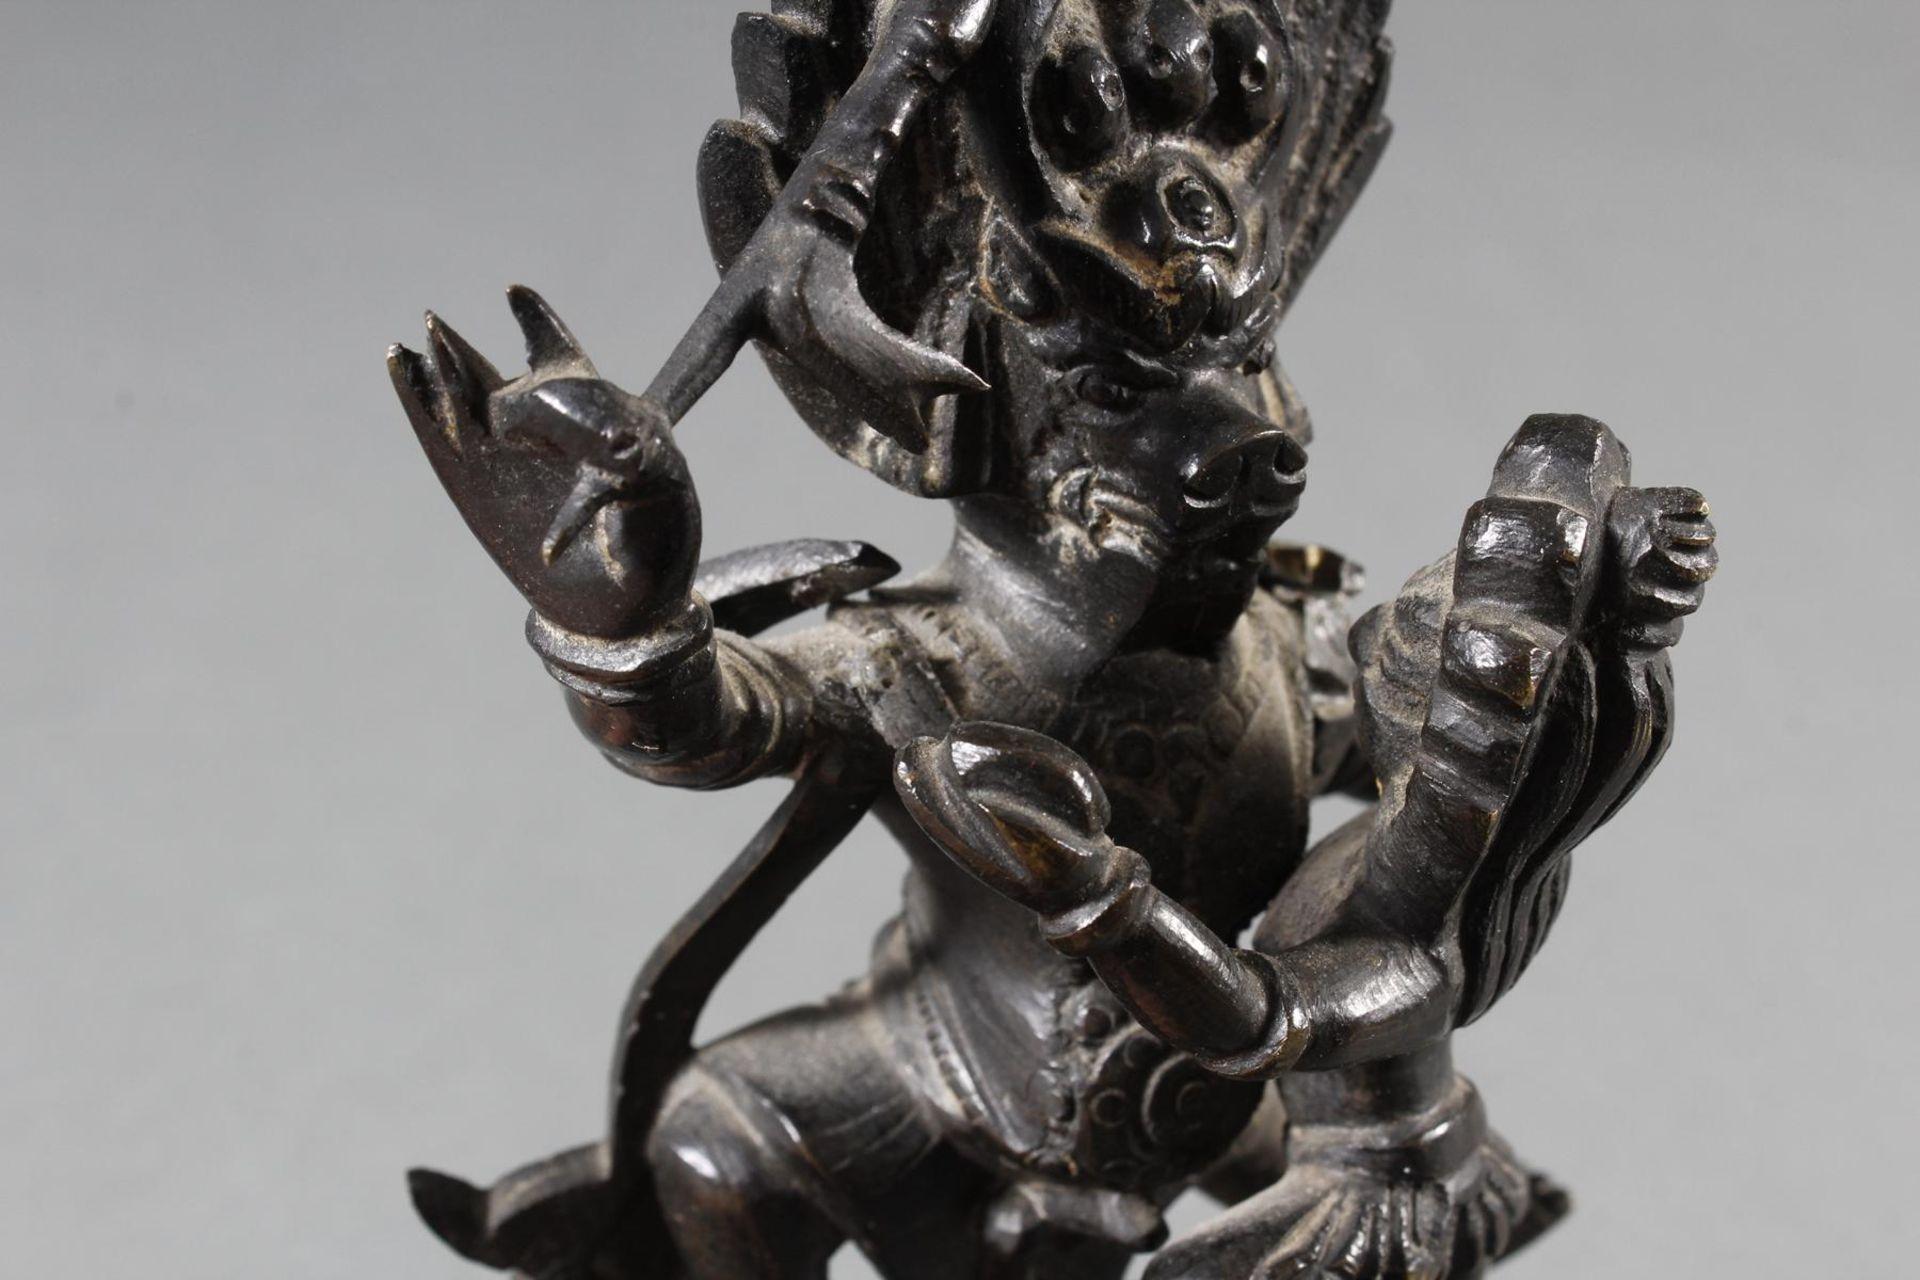 Bronzeskulptur Mahakala, Tibetanische Gottheit, 18./19. Jahrhundert - Bild 5 aus 7